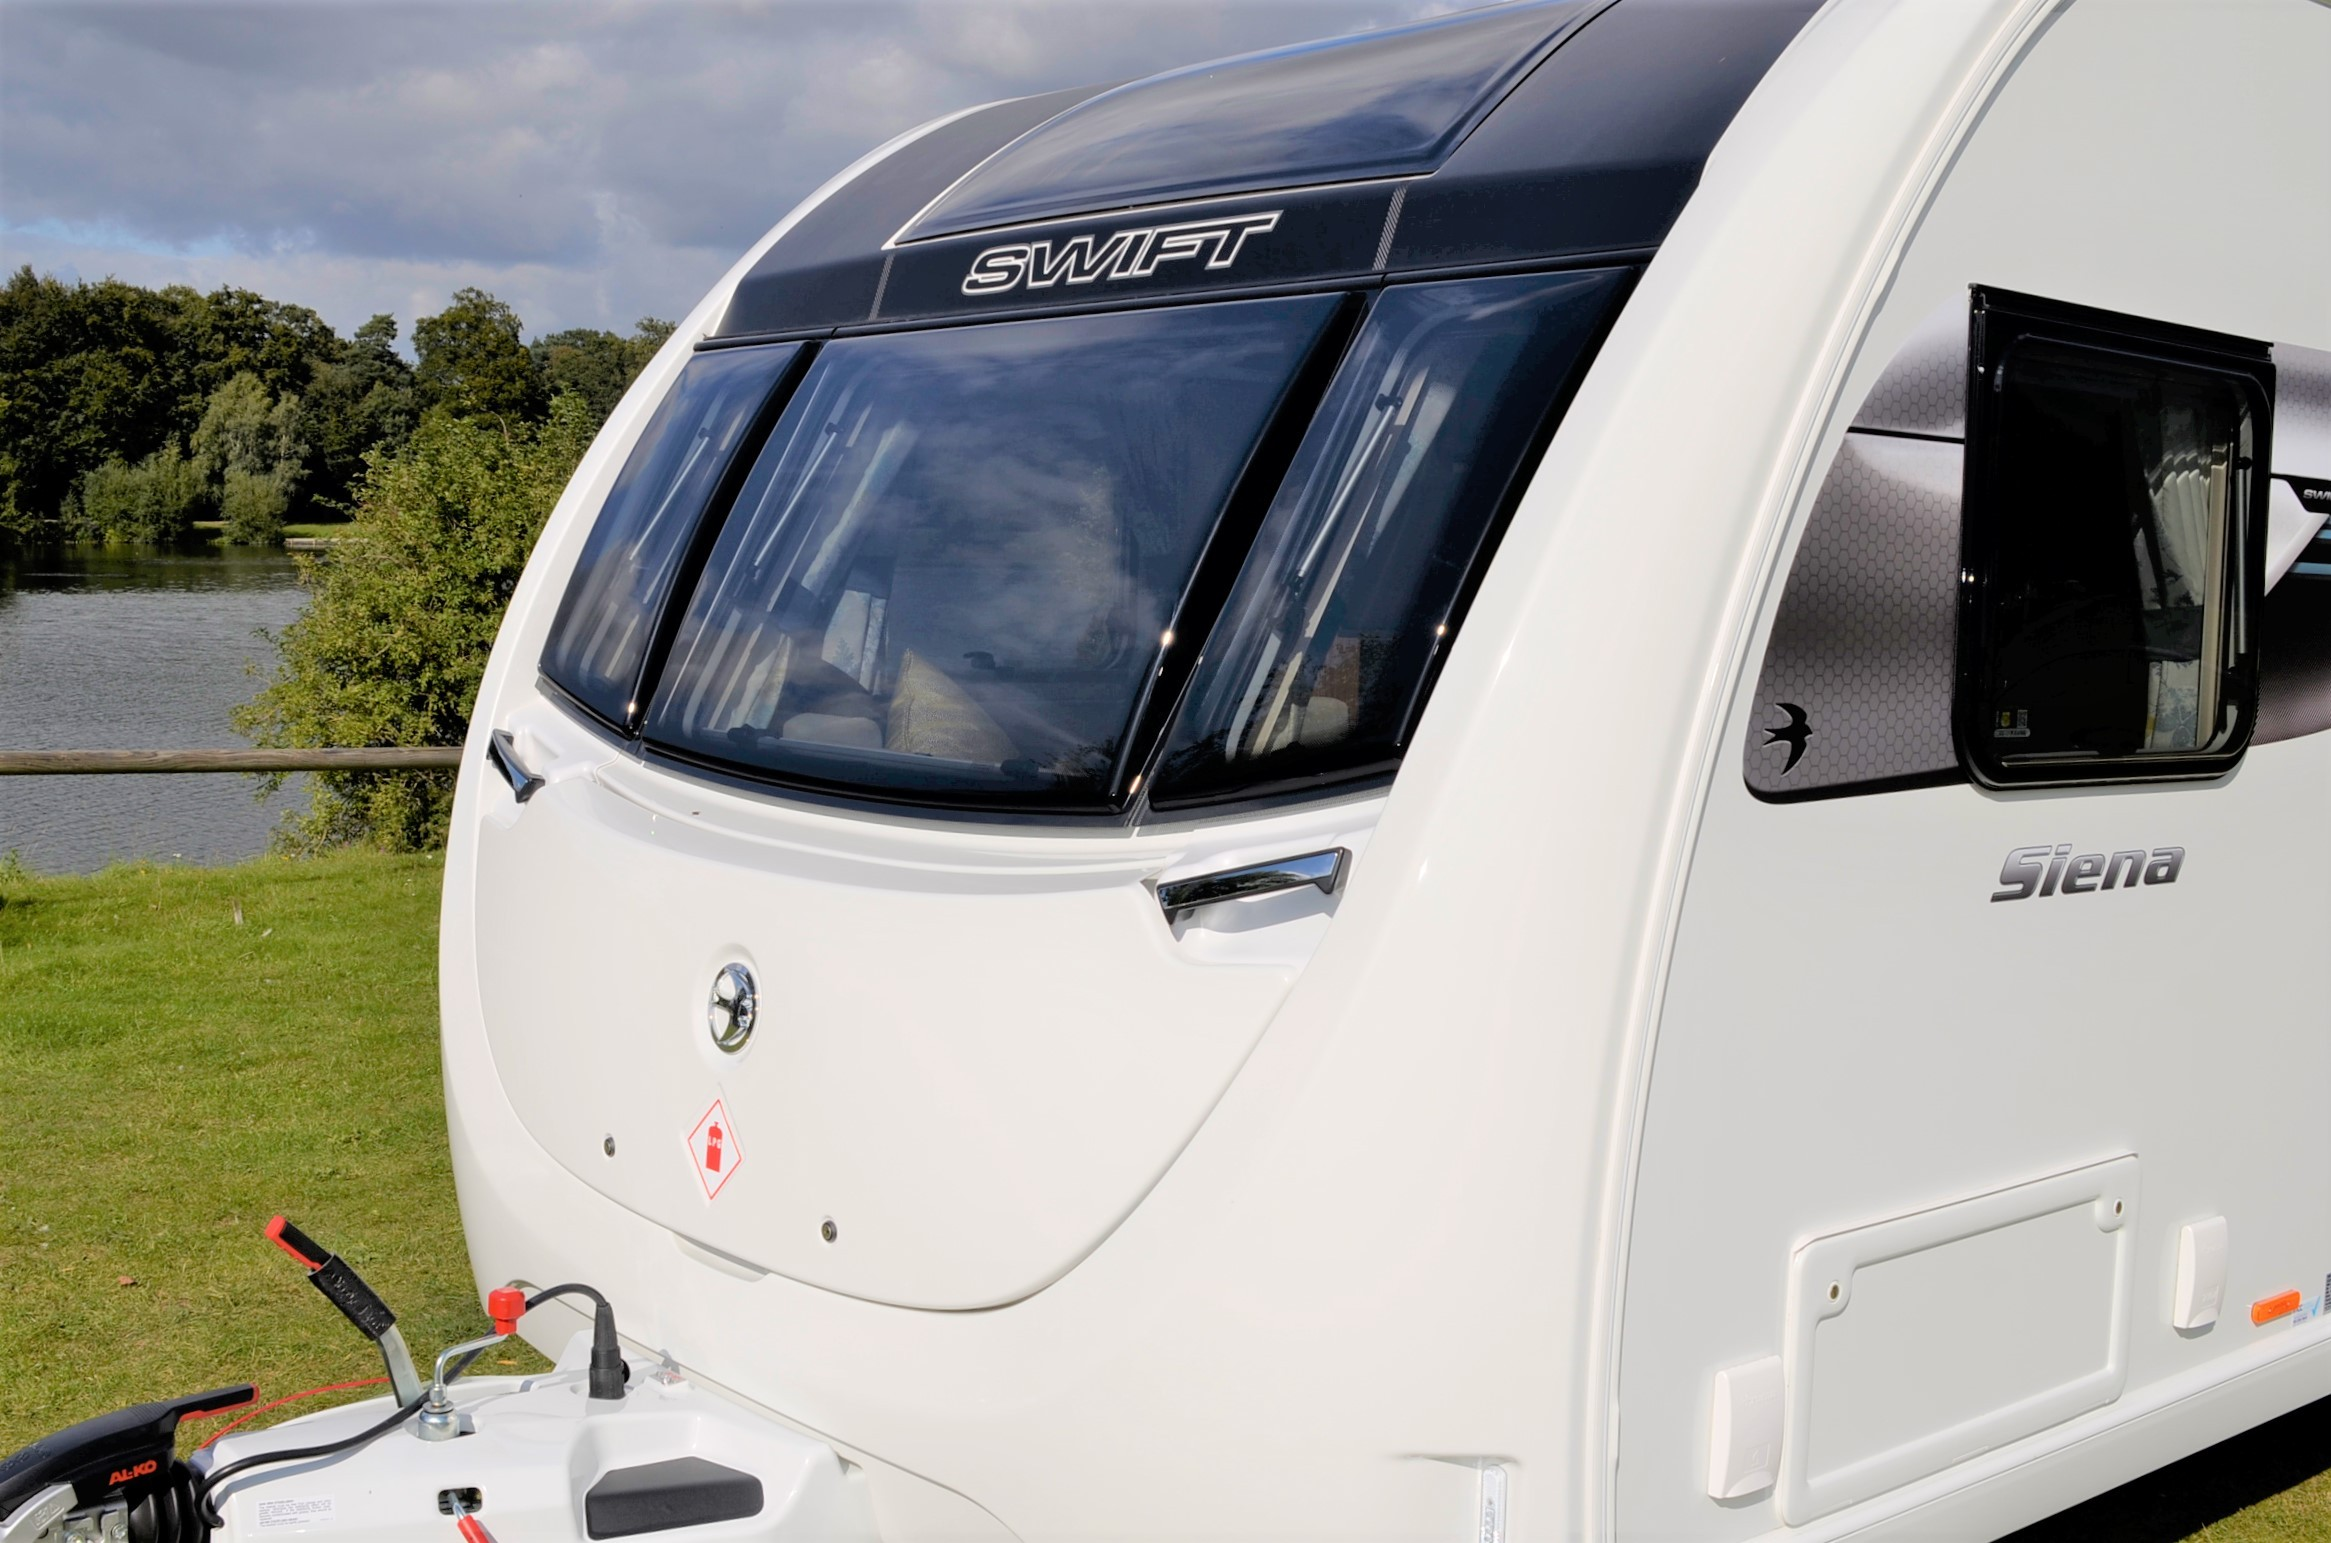 Swift Caravans Siena External Image